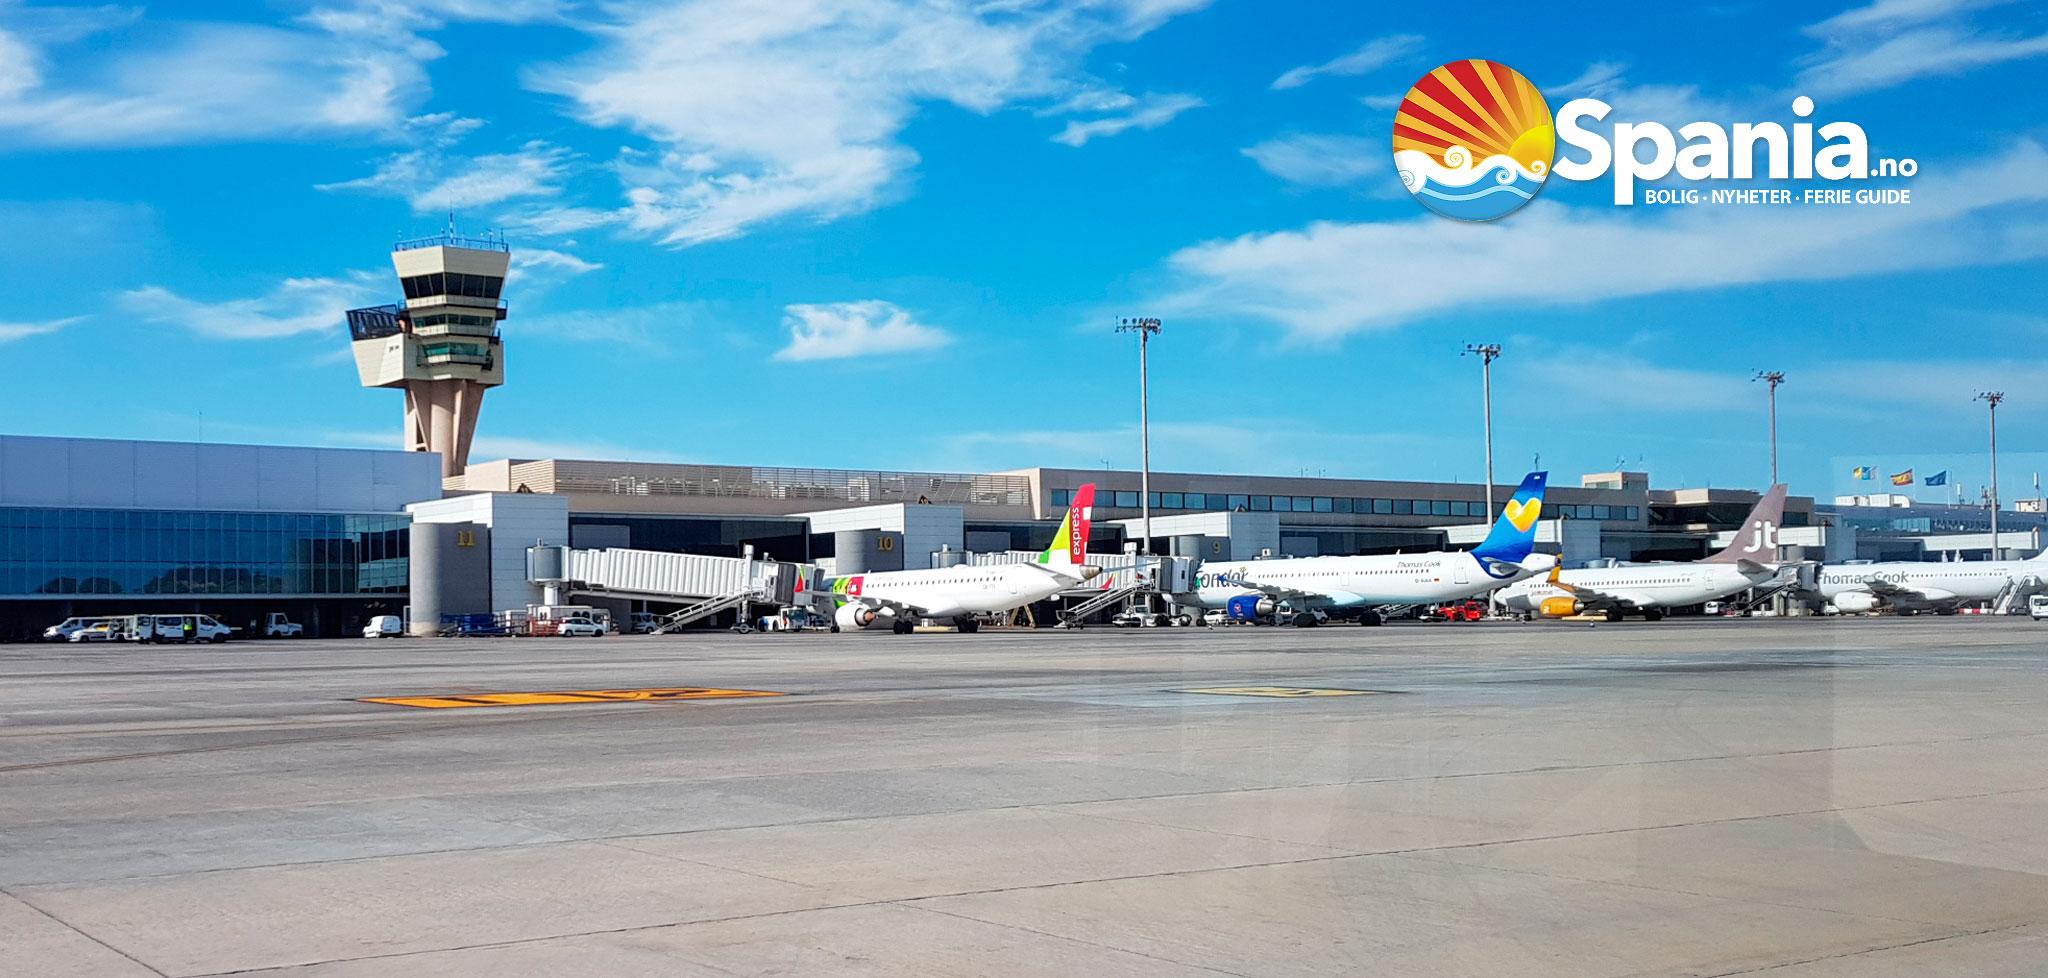 Gran Canaria Las Palmas flyplass - Flyplass-guide